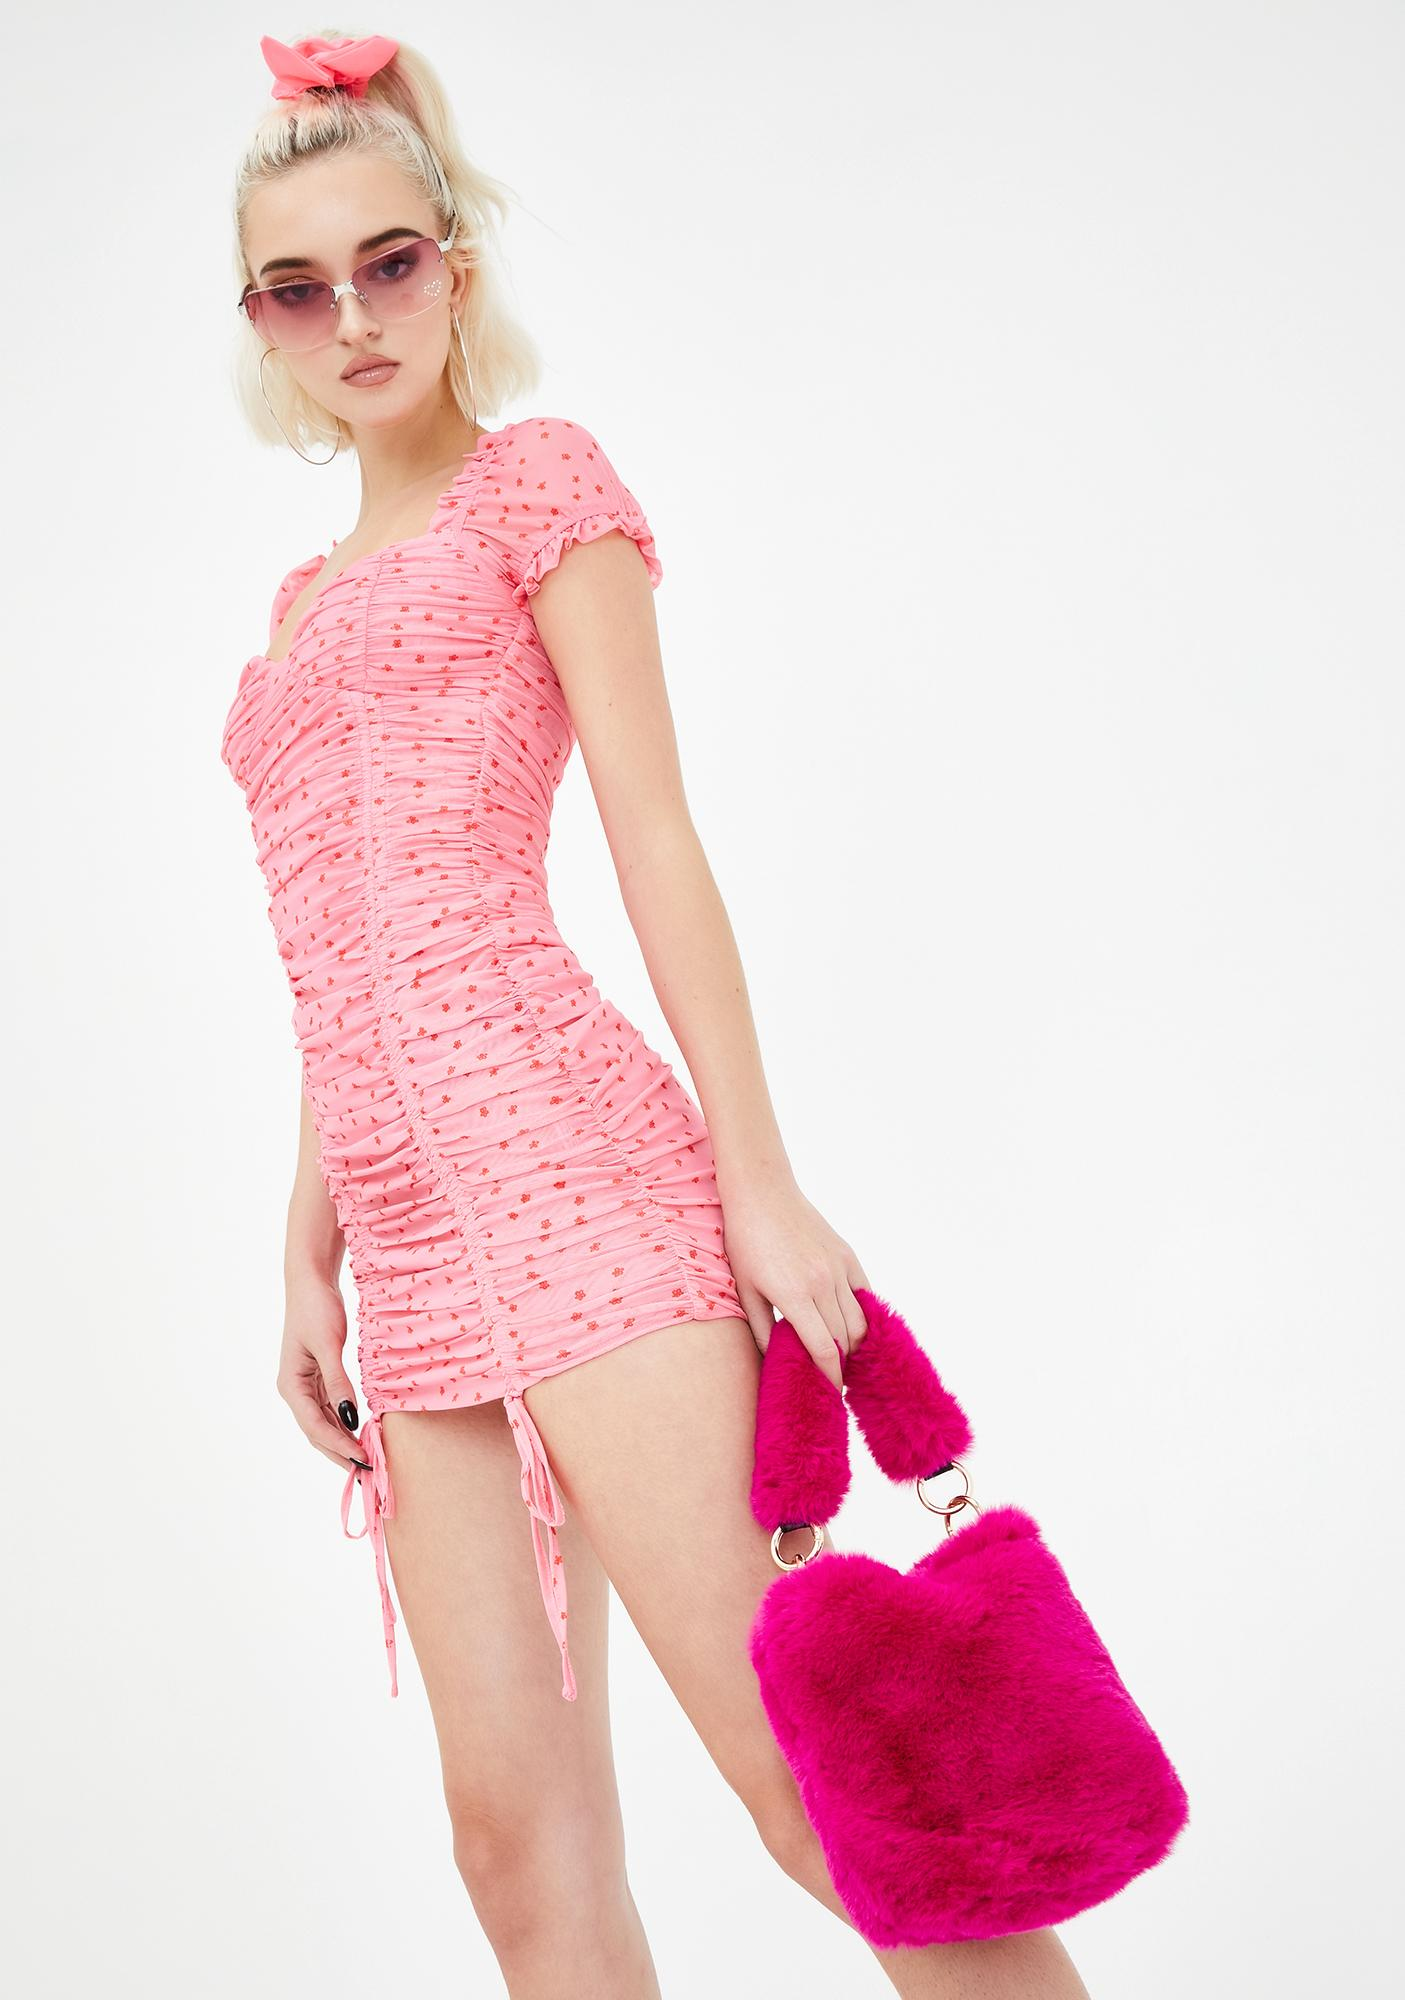 Plush Possessions Fuzzy Handbag